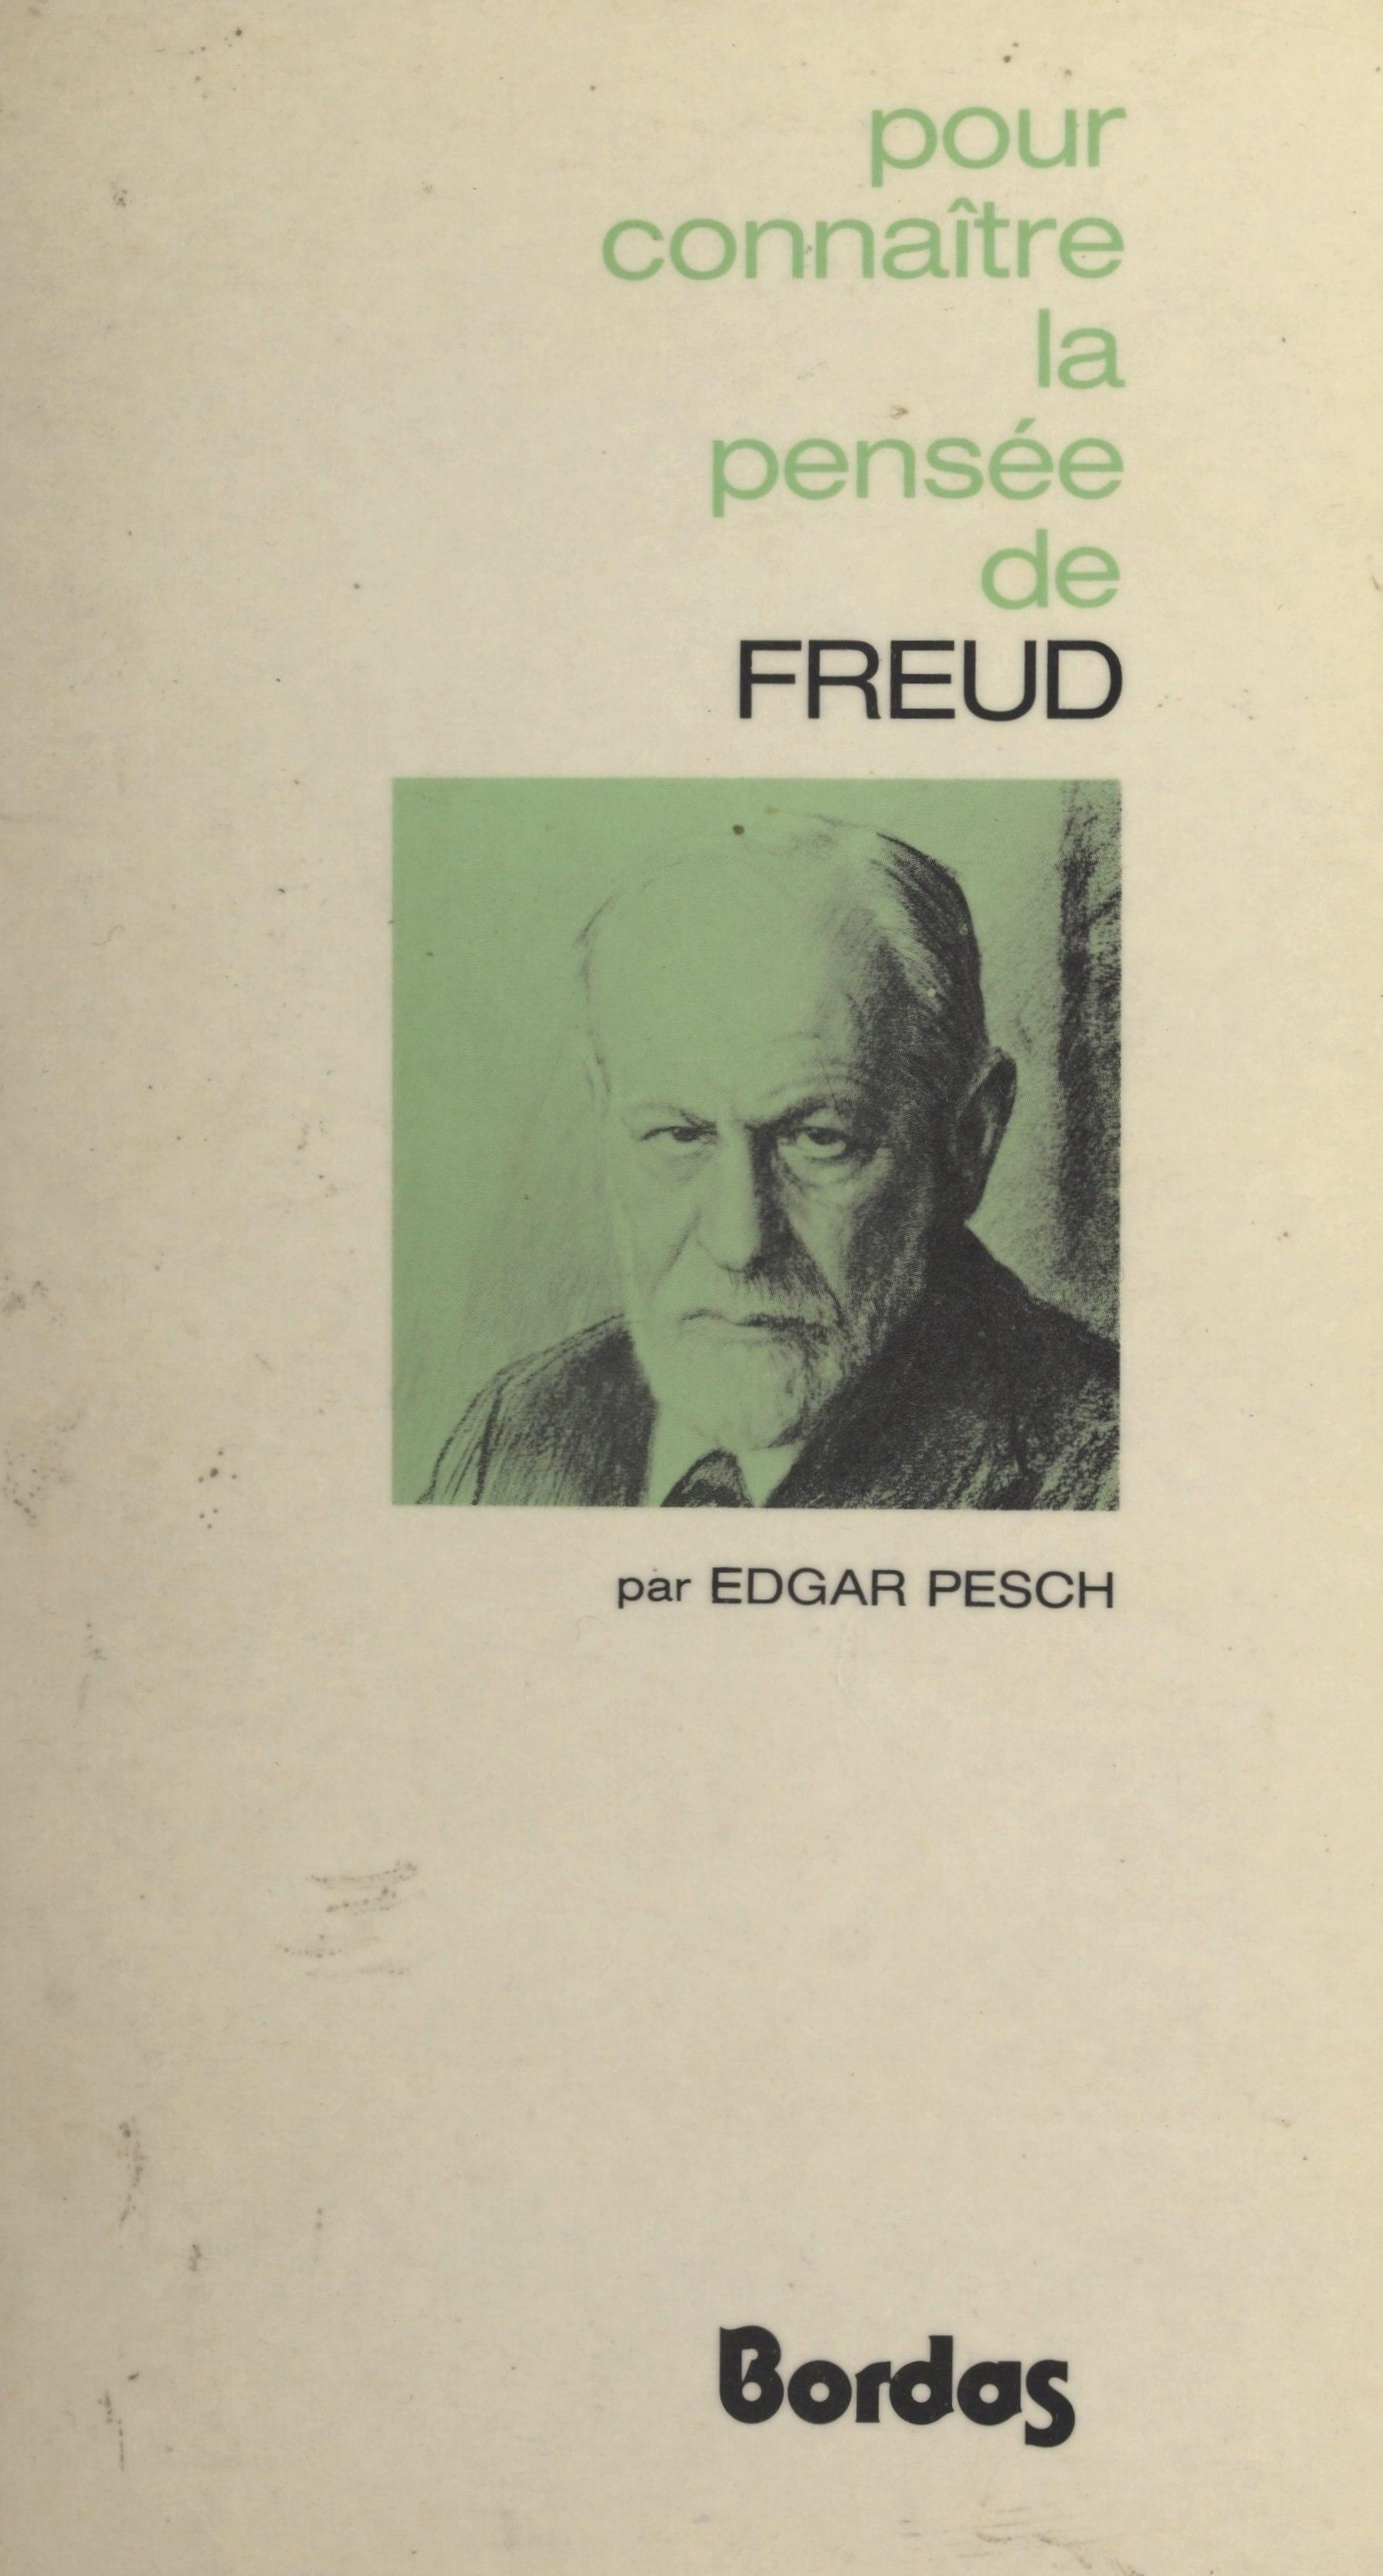 La pensée de Freud